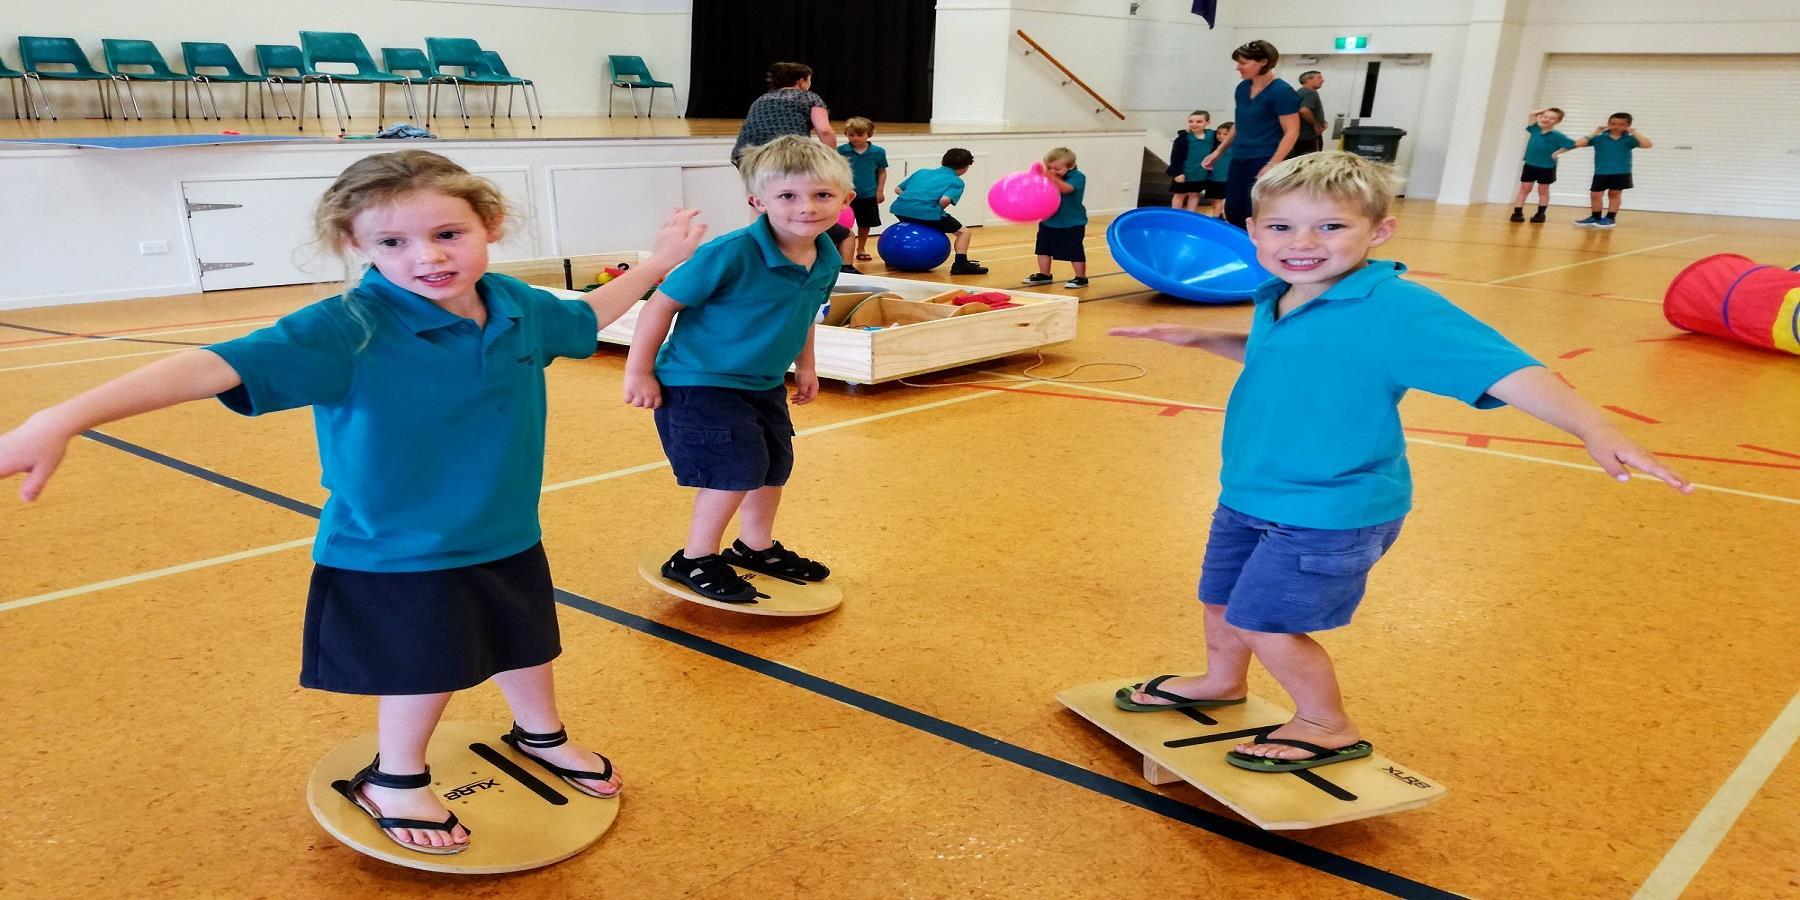 اهمیت تمرینات اداراکی حرکتی ومداخله کاردرمانی به منظورتقویت وتسریع یادگیری درکودکان